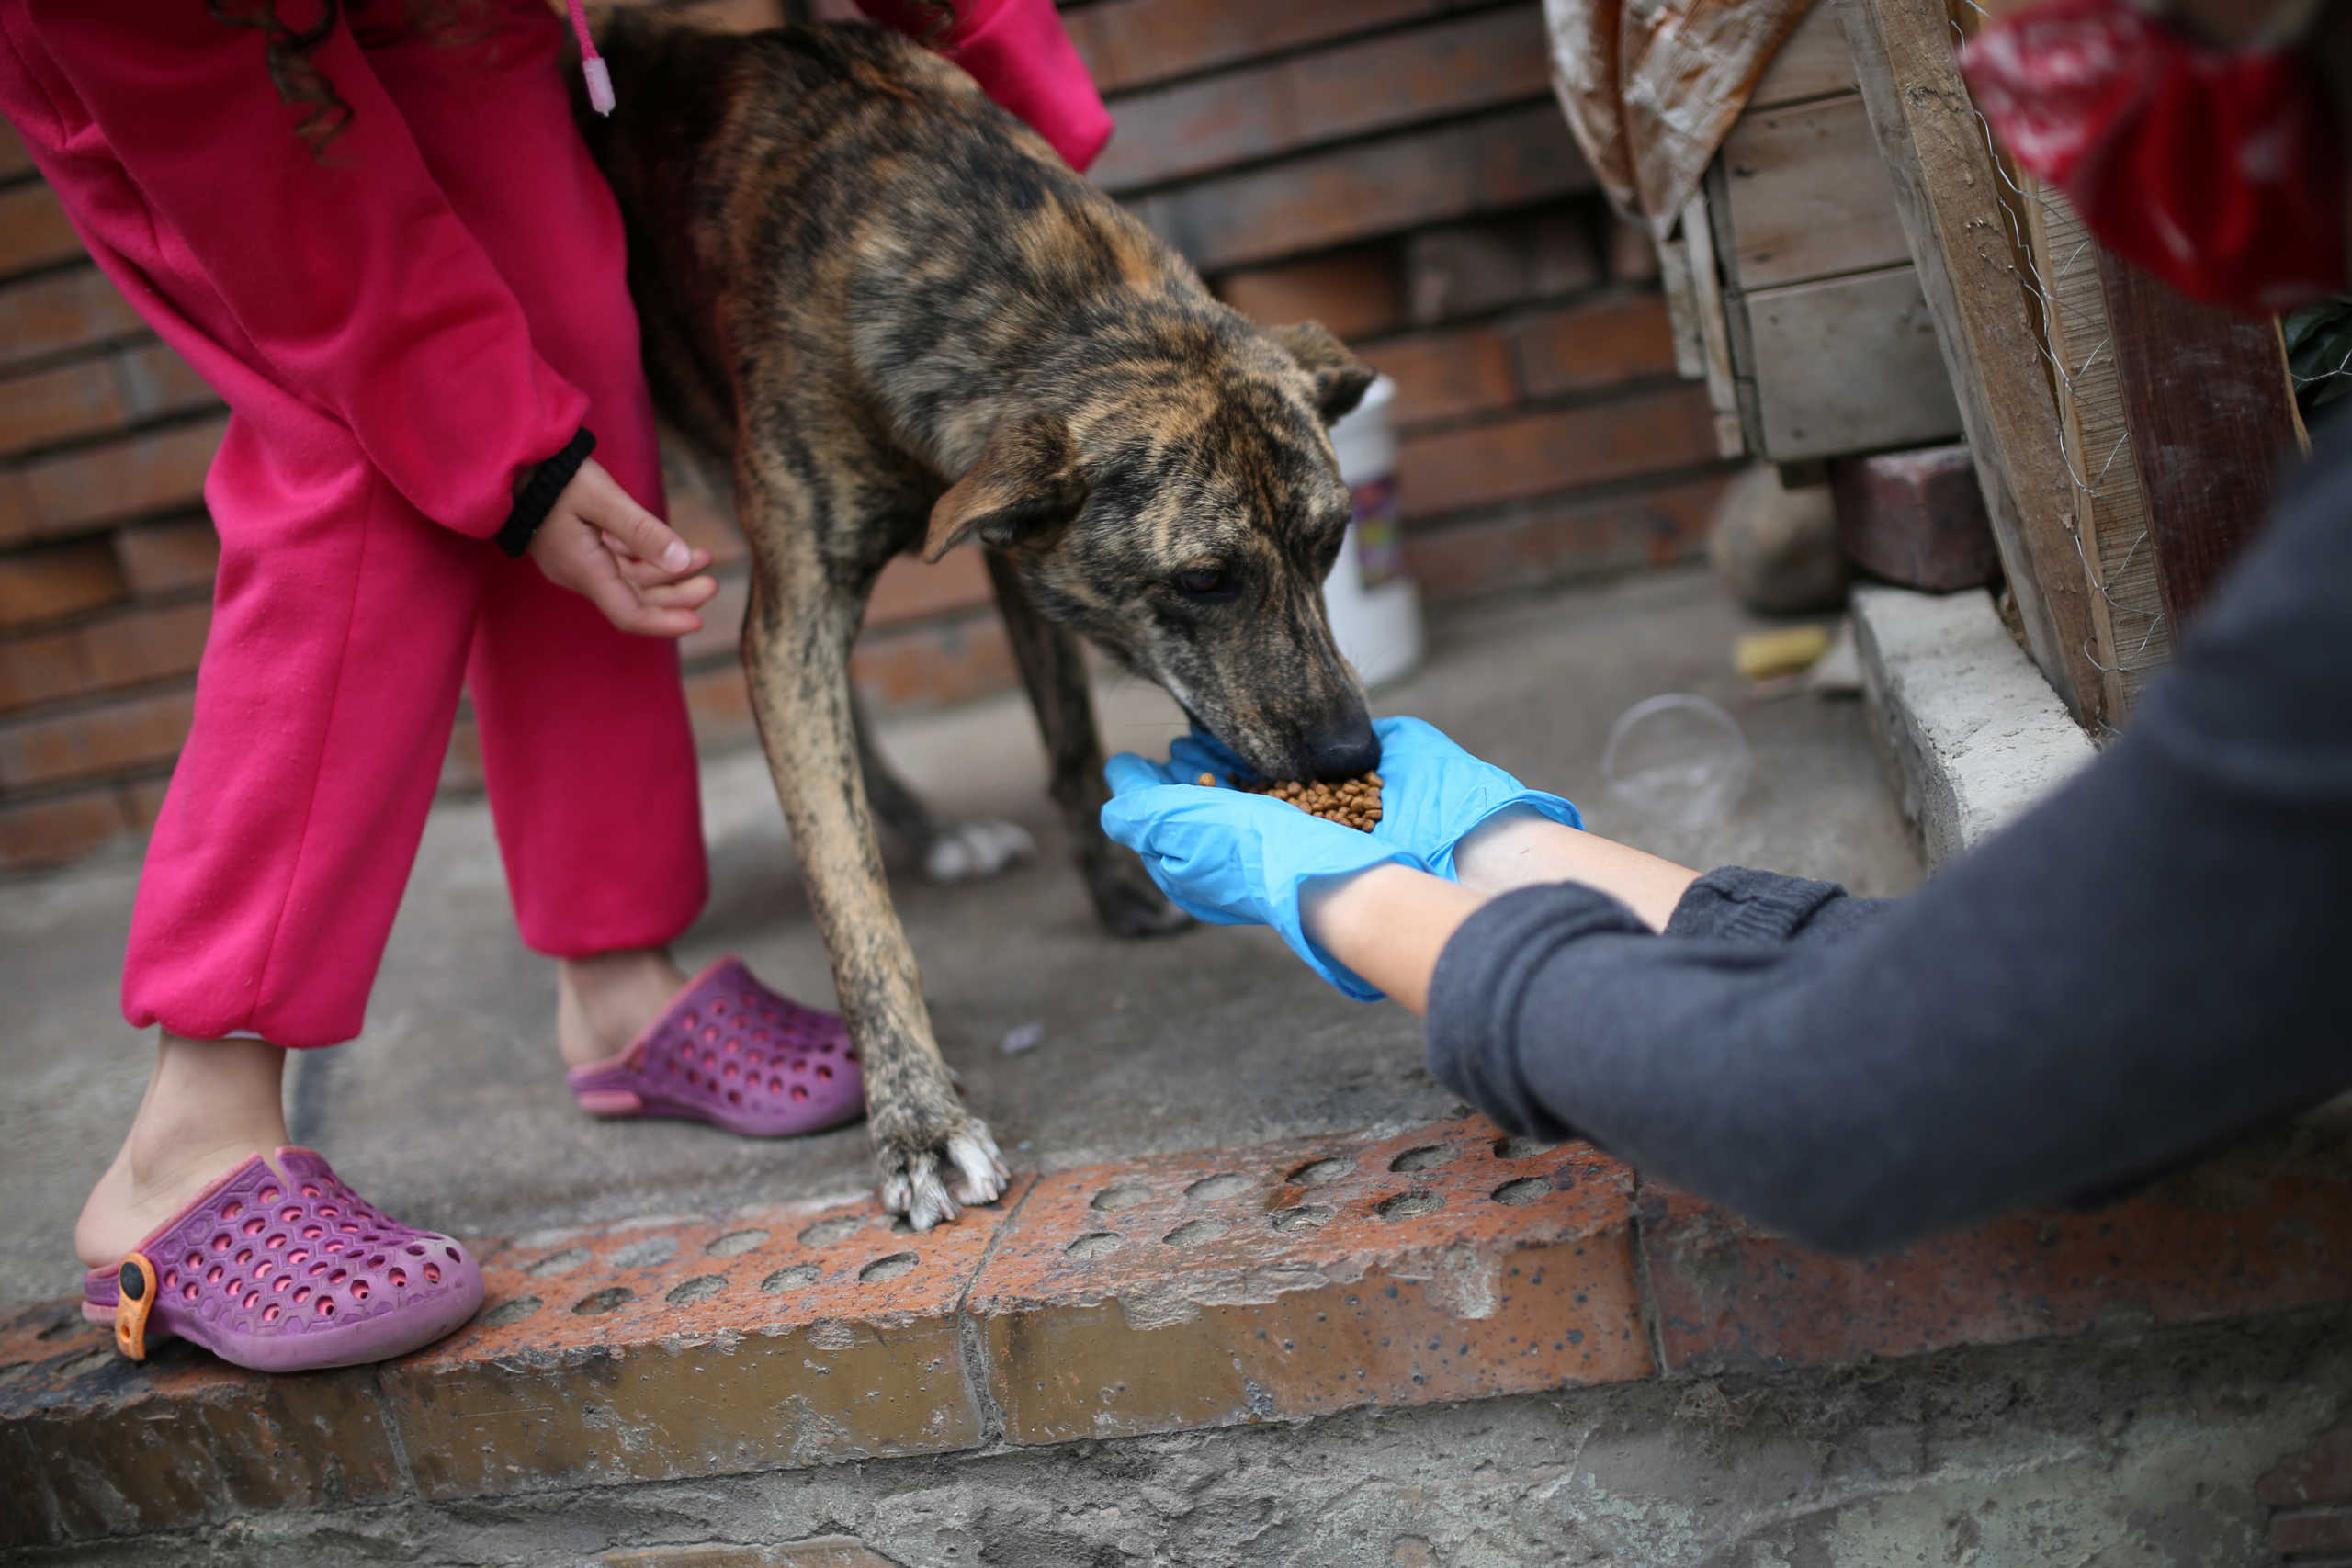 Η νέα θεωρία για το πως ξεκίνησε ο κορονοϊός: Ένας σκύλος έφαγε μια νυχτερίδα